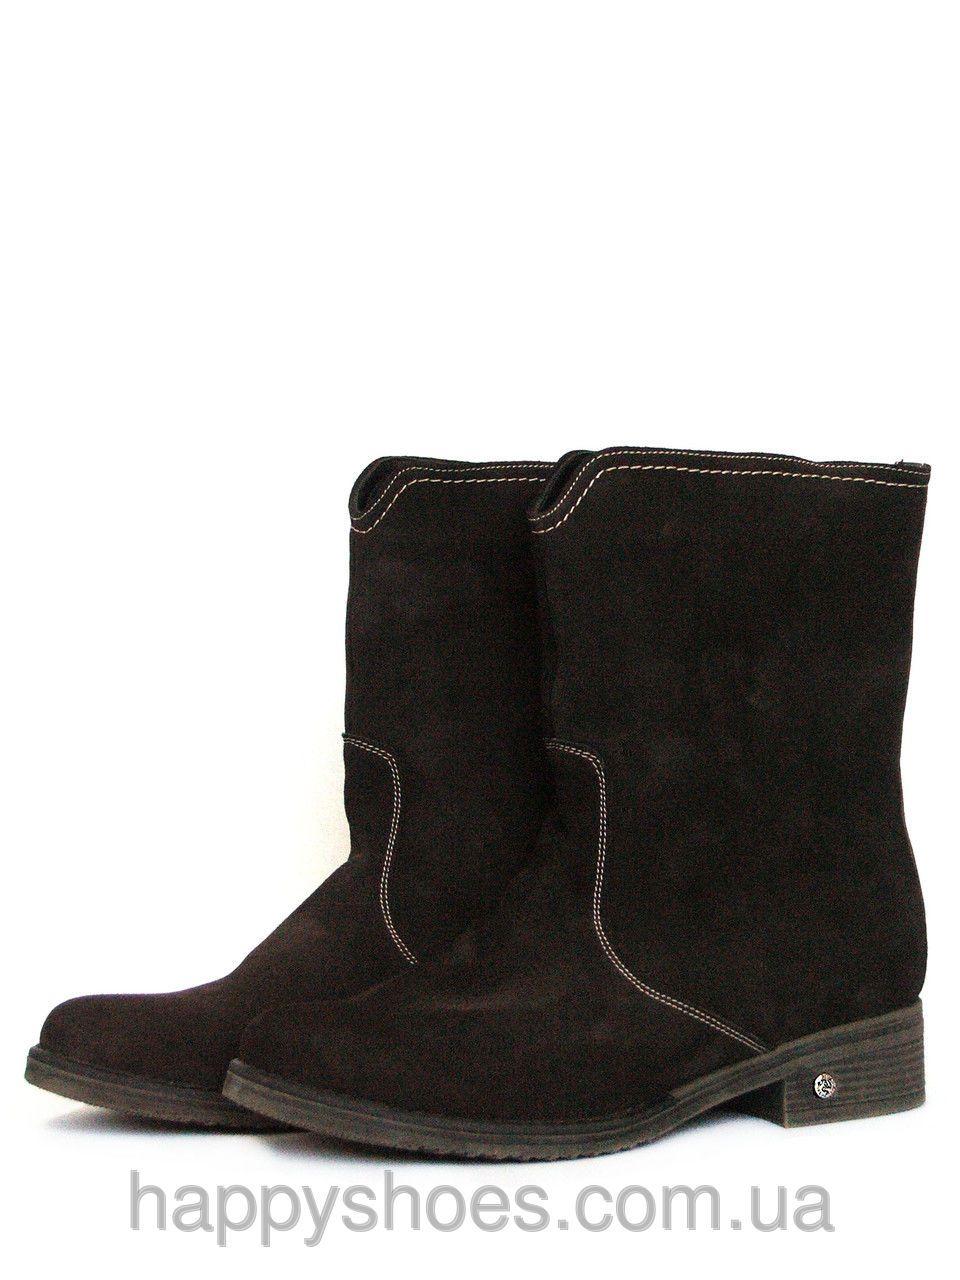 b7c450e51 Купить Демисезонные ботинки женские в Запорожье от компании